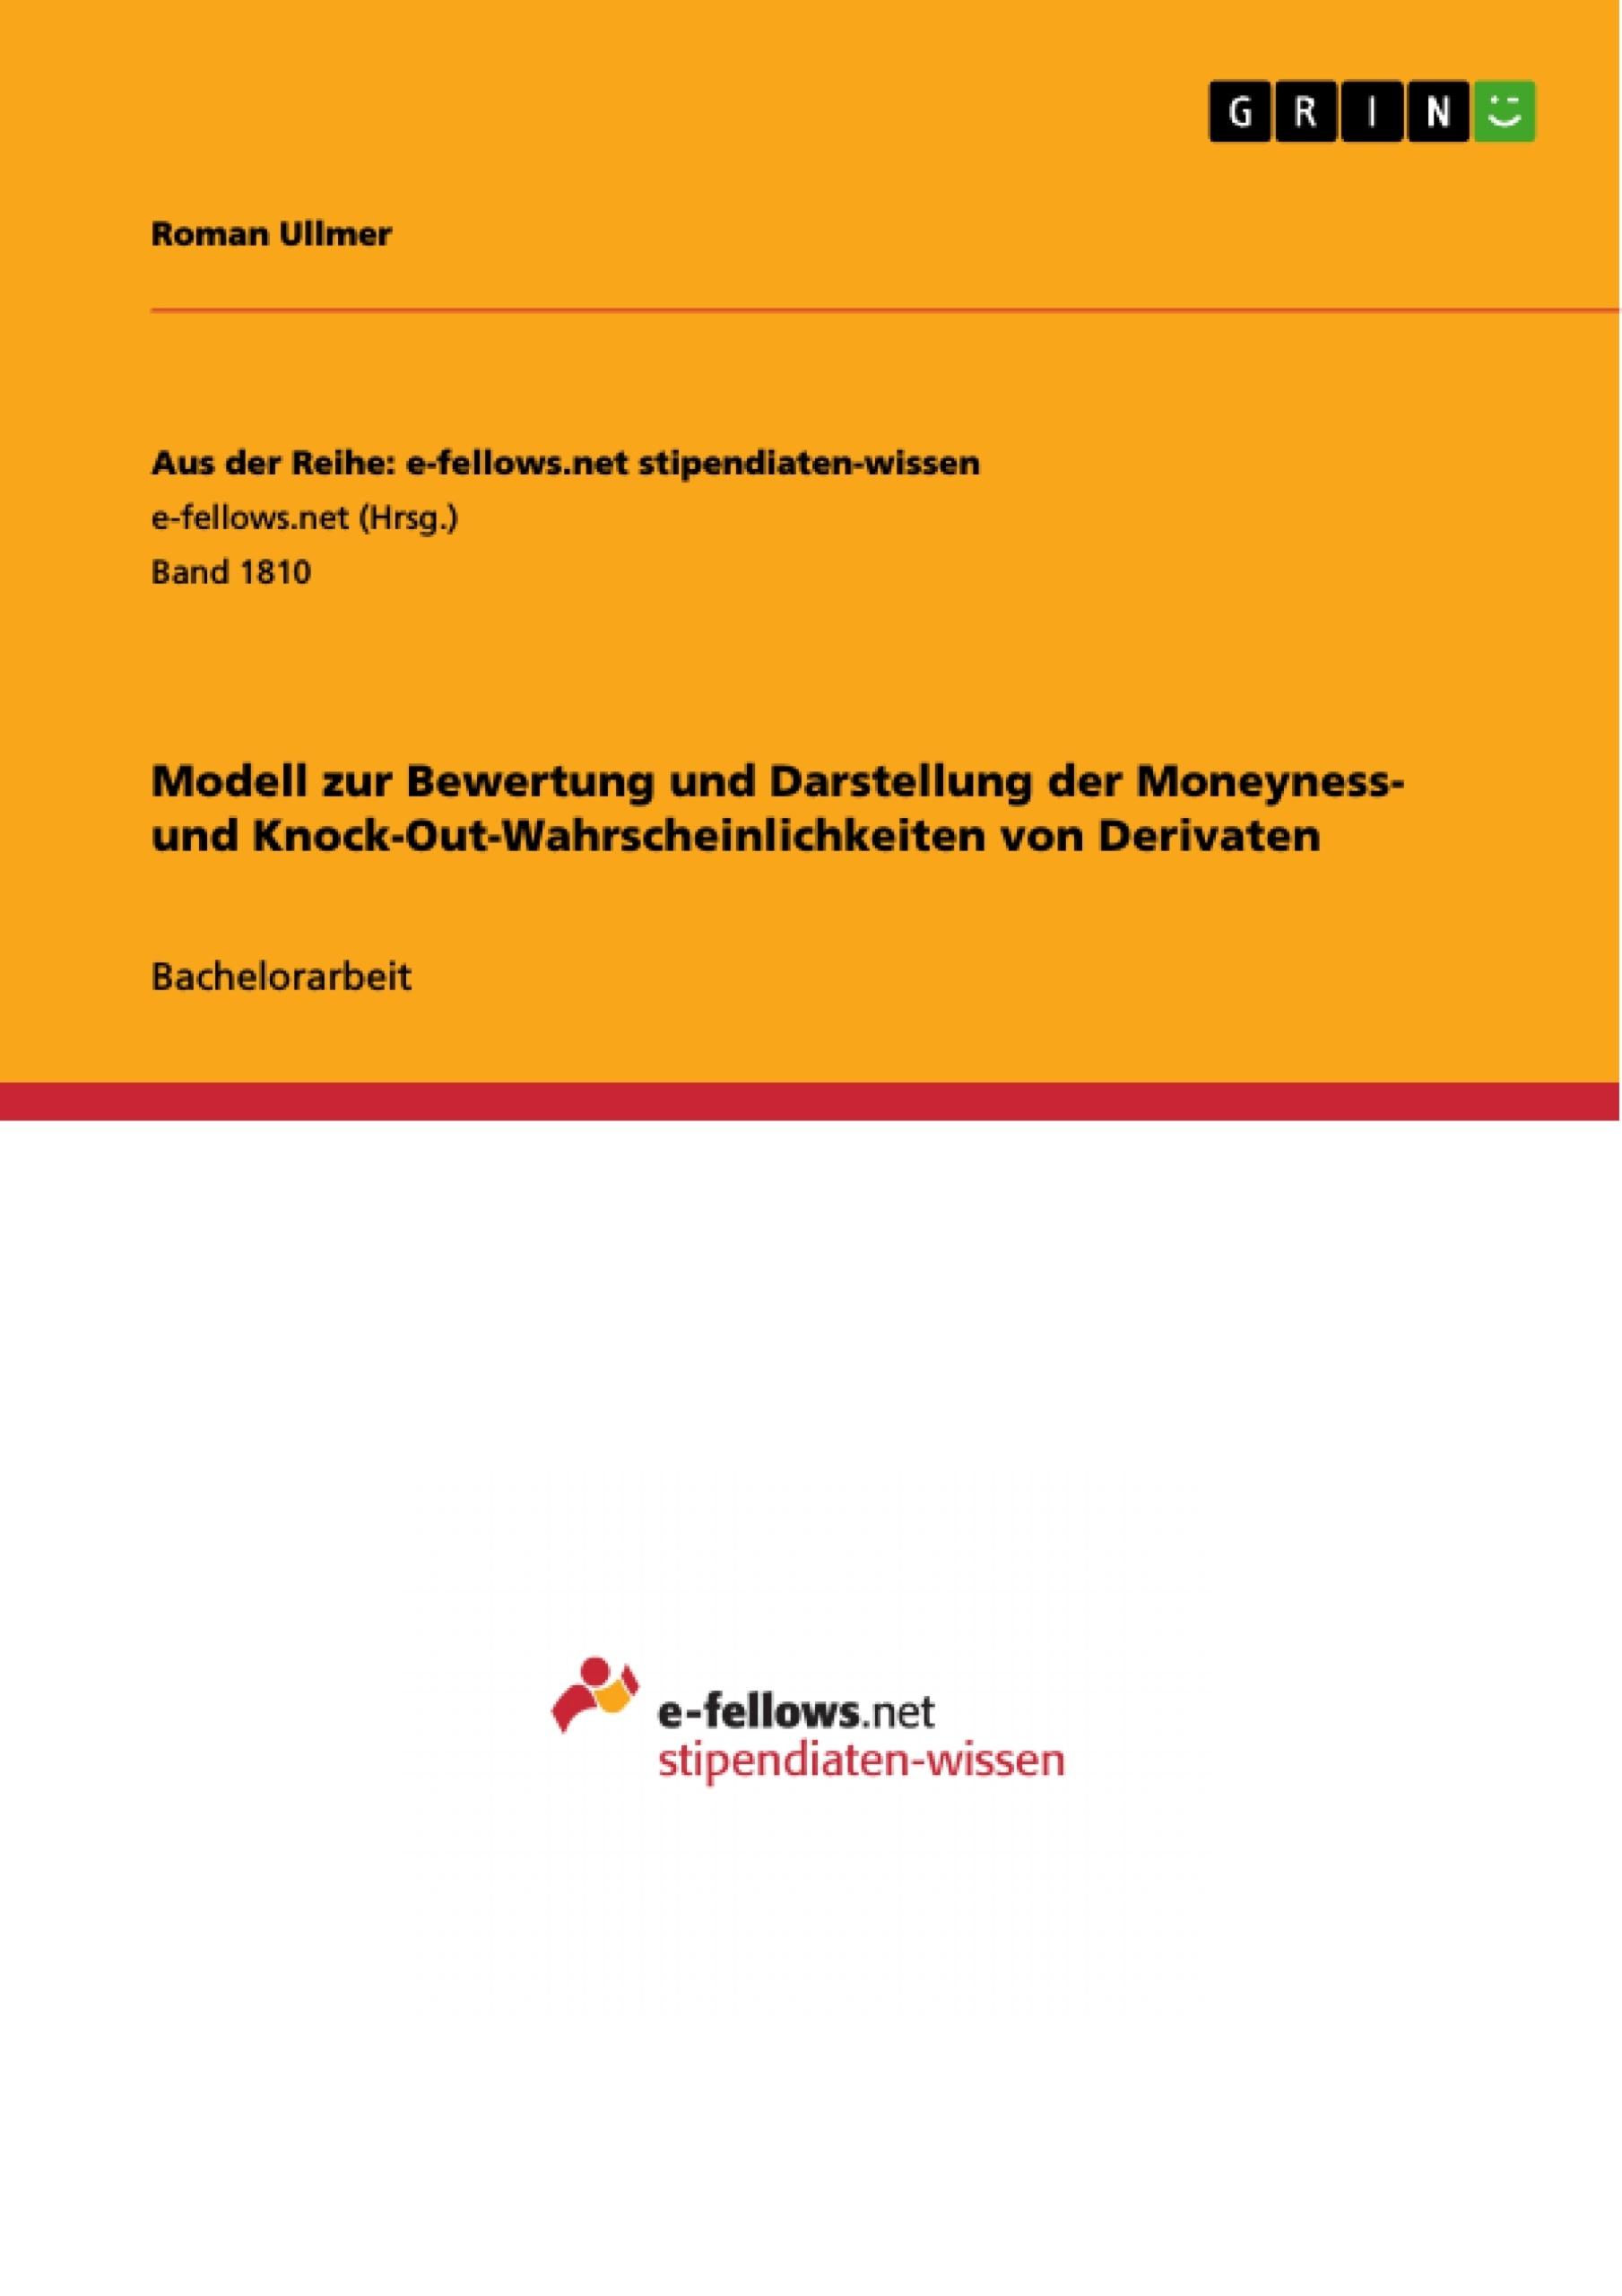 Titel: Modell zur Bewertung und Darstellung der Moneyness- und Knock-Out-Wahrscheinlichkeiten von Derivaten